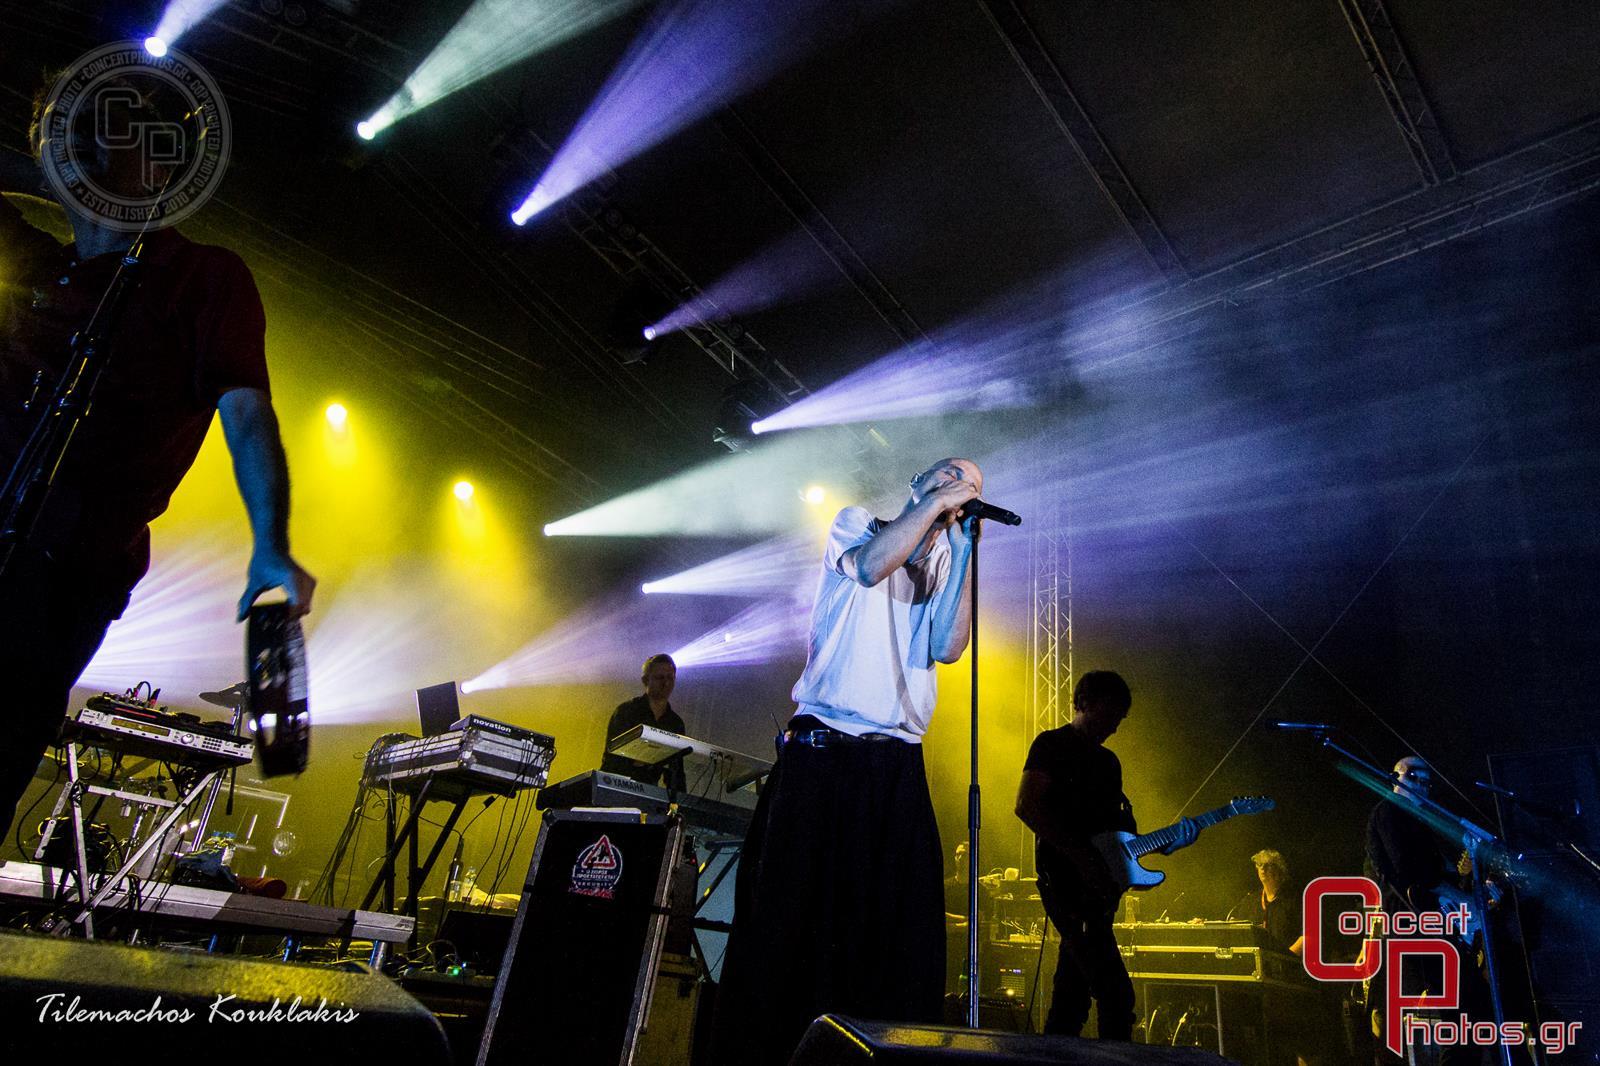 James & Moan-James-Theatro Vrachon photographer:  - Rockwave-2014-22